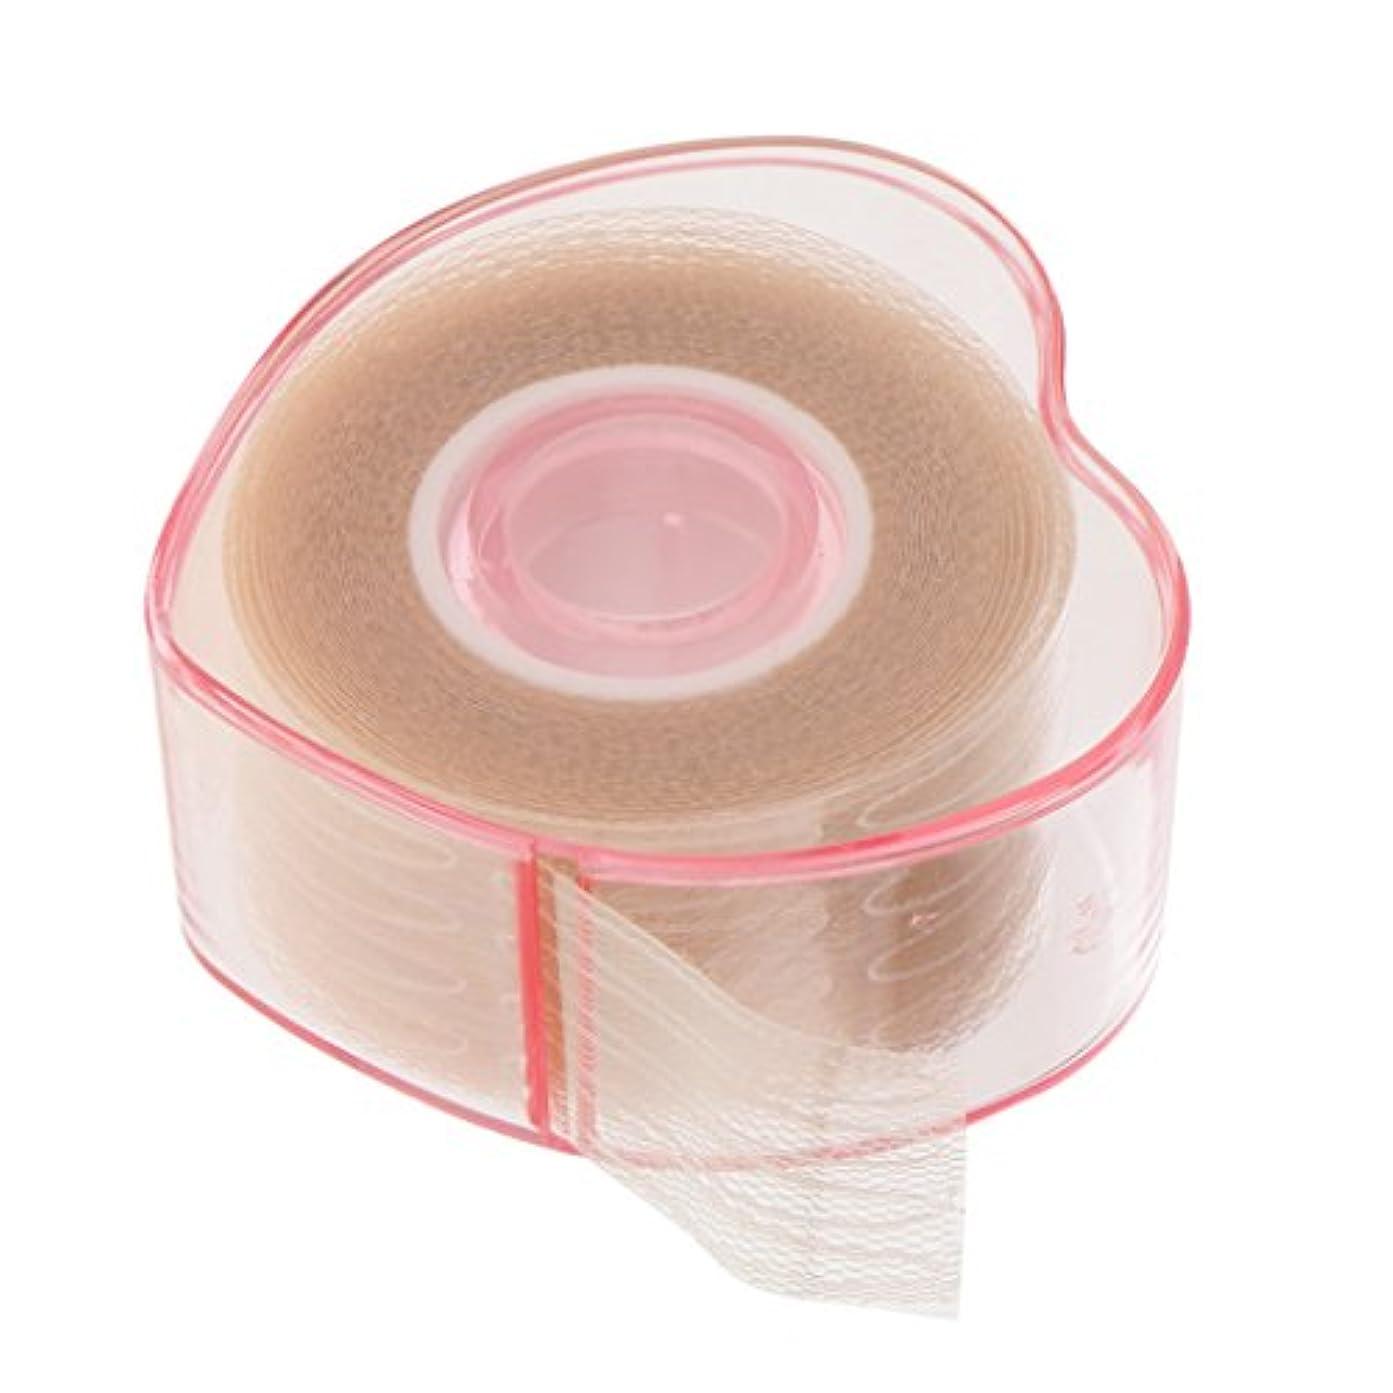 出力ウサギ配管まつ毛テープ まつ毛ロール 繊維 二重まぶた リフトストリップ ステッカー 粘着性なし 4タイプ選べる - 図示のように, 説明したように